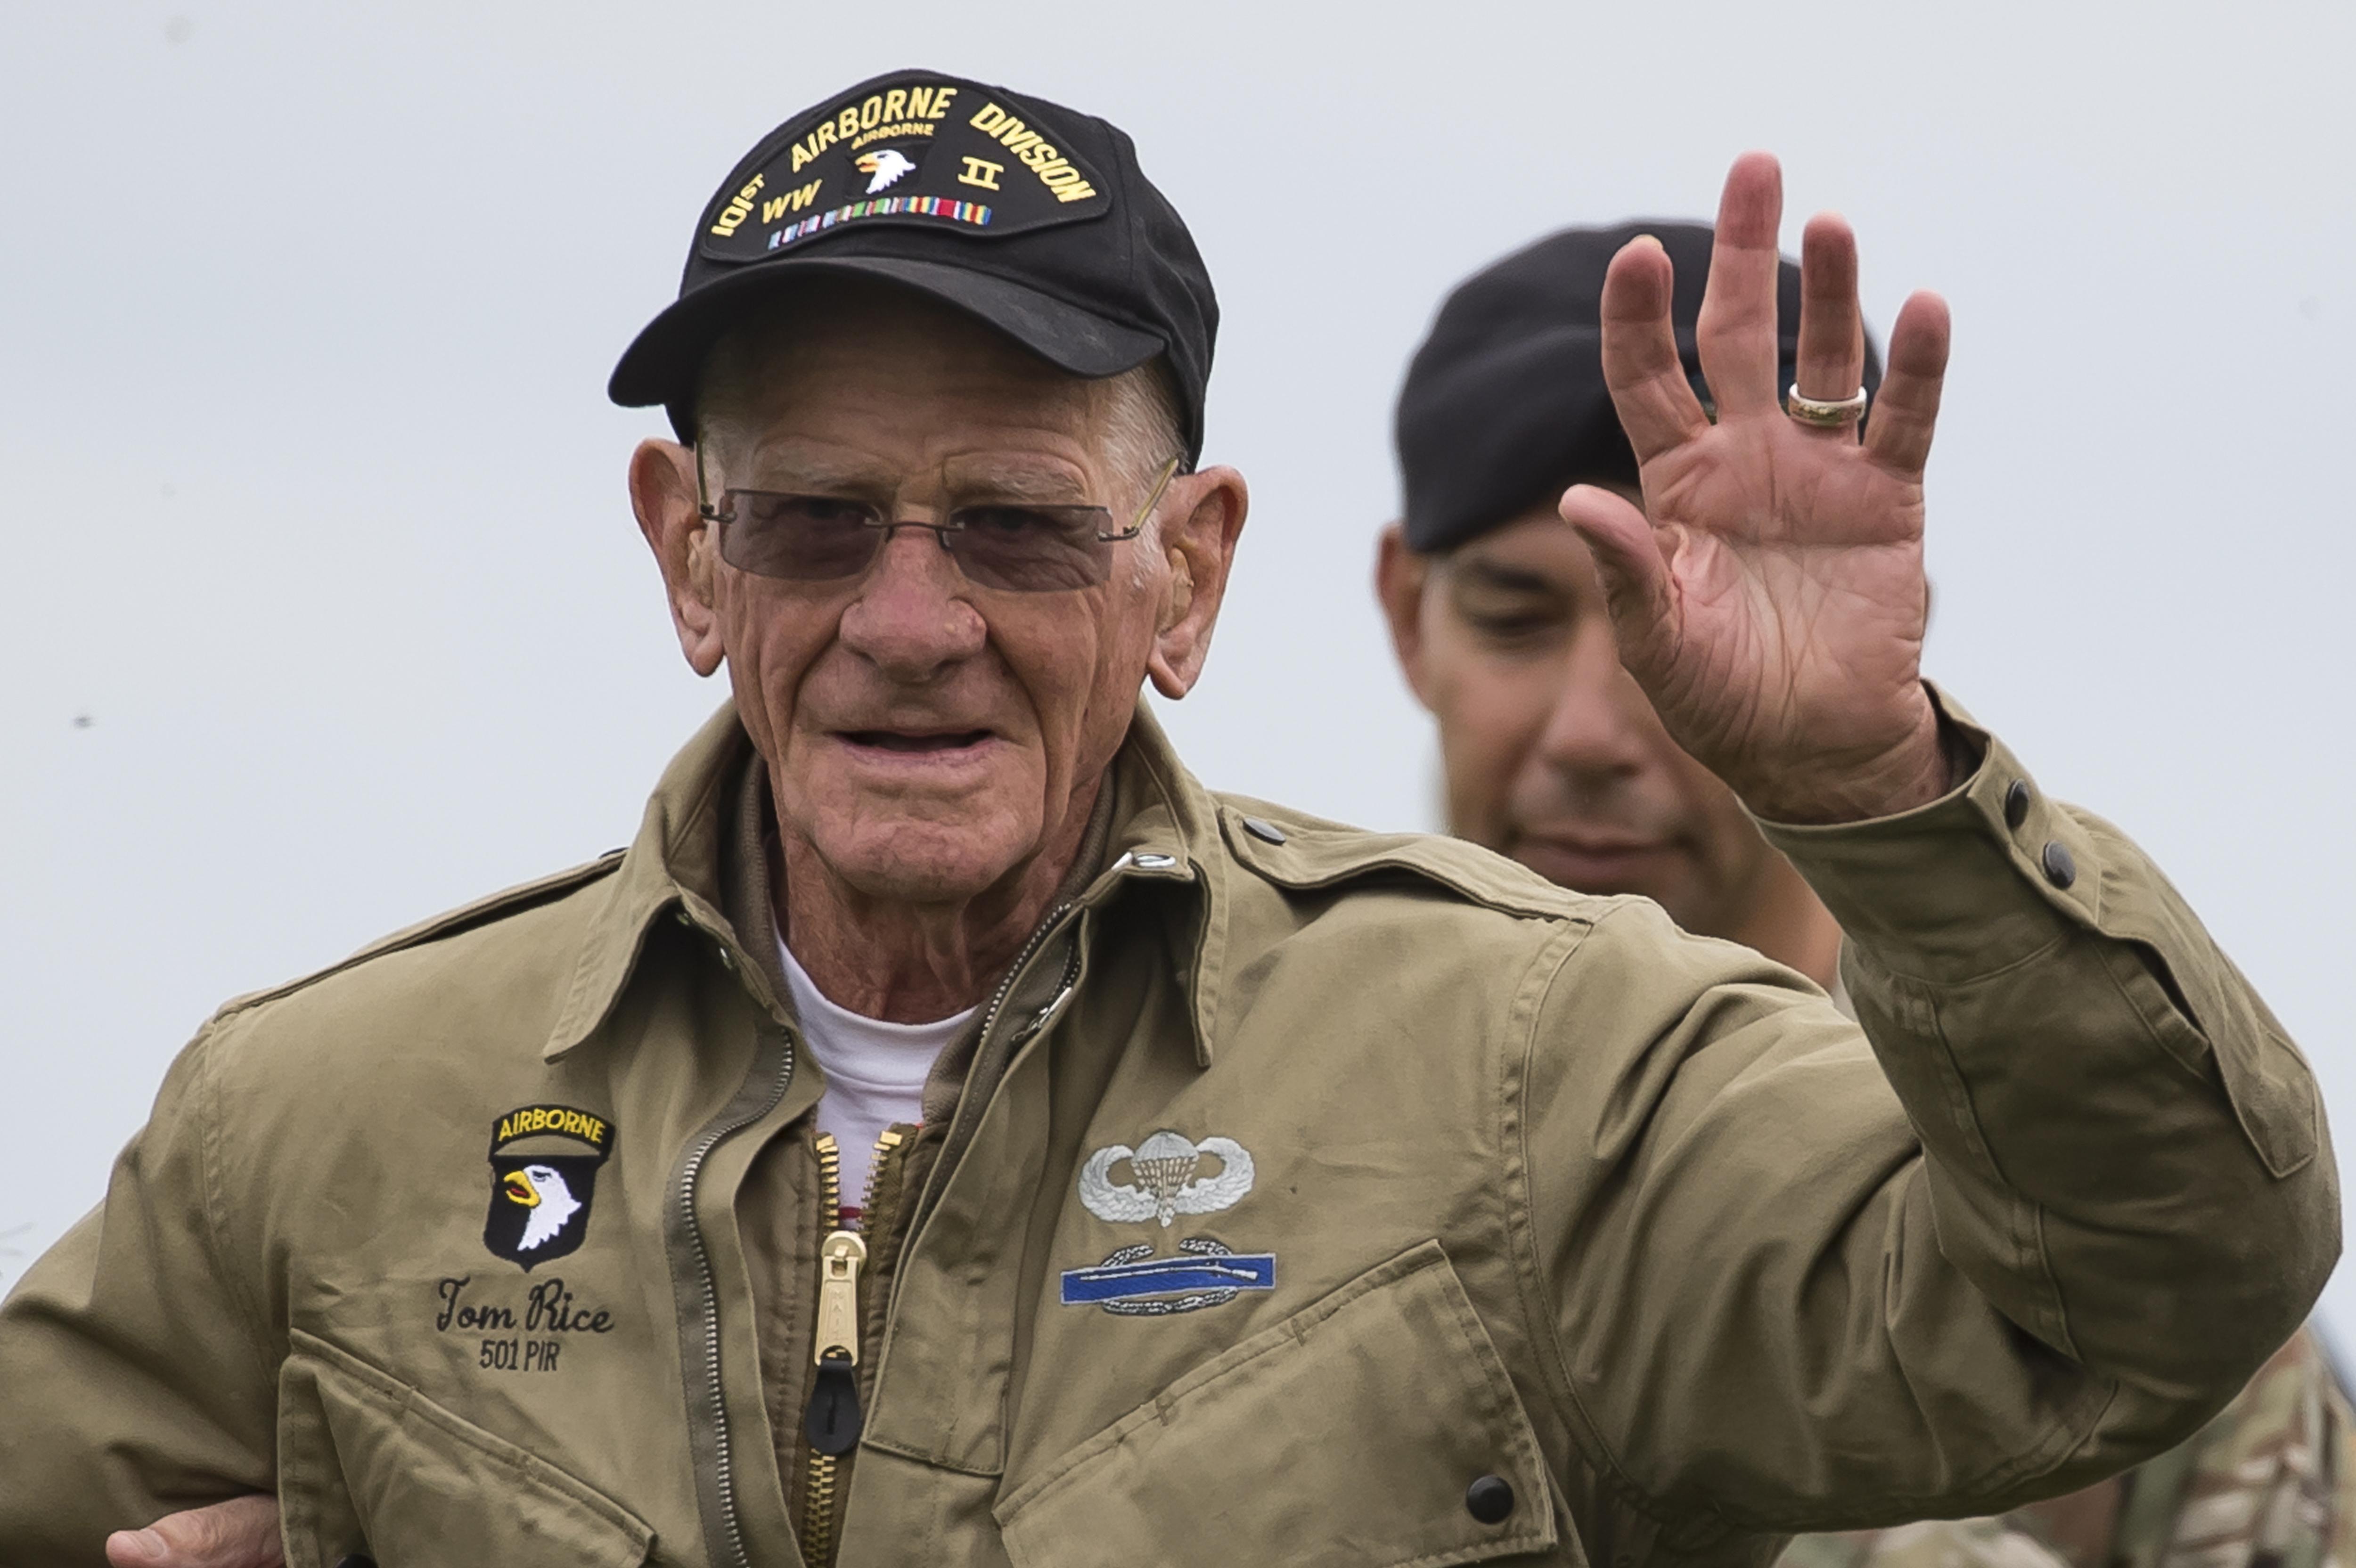 75th-anniver--2 Αμερικανός 97χρονος βετεράνος έπεσε με αλεξίπτωτο στη Νορμανδία